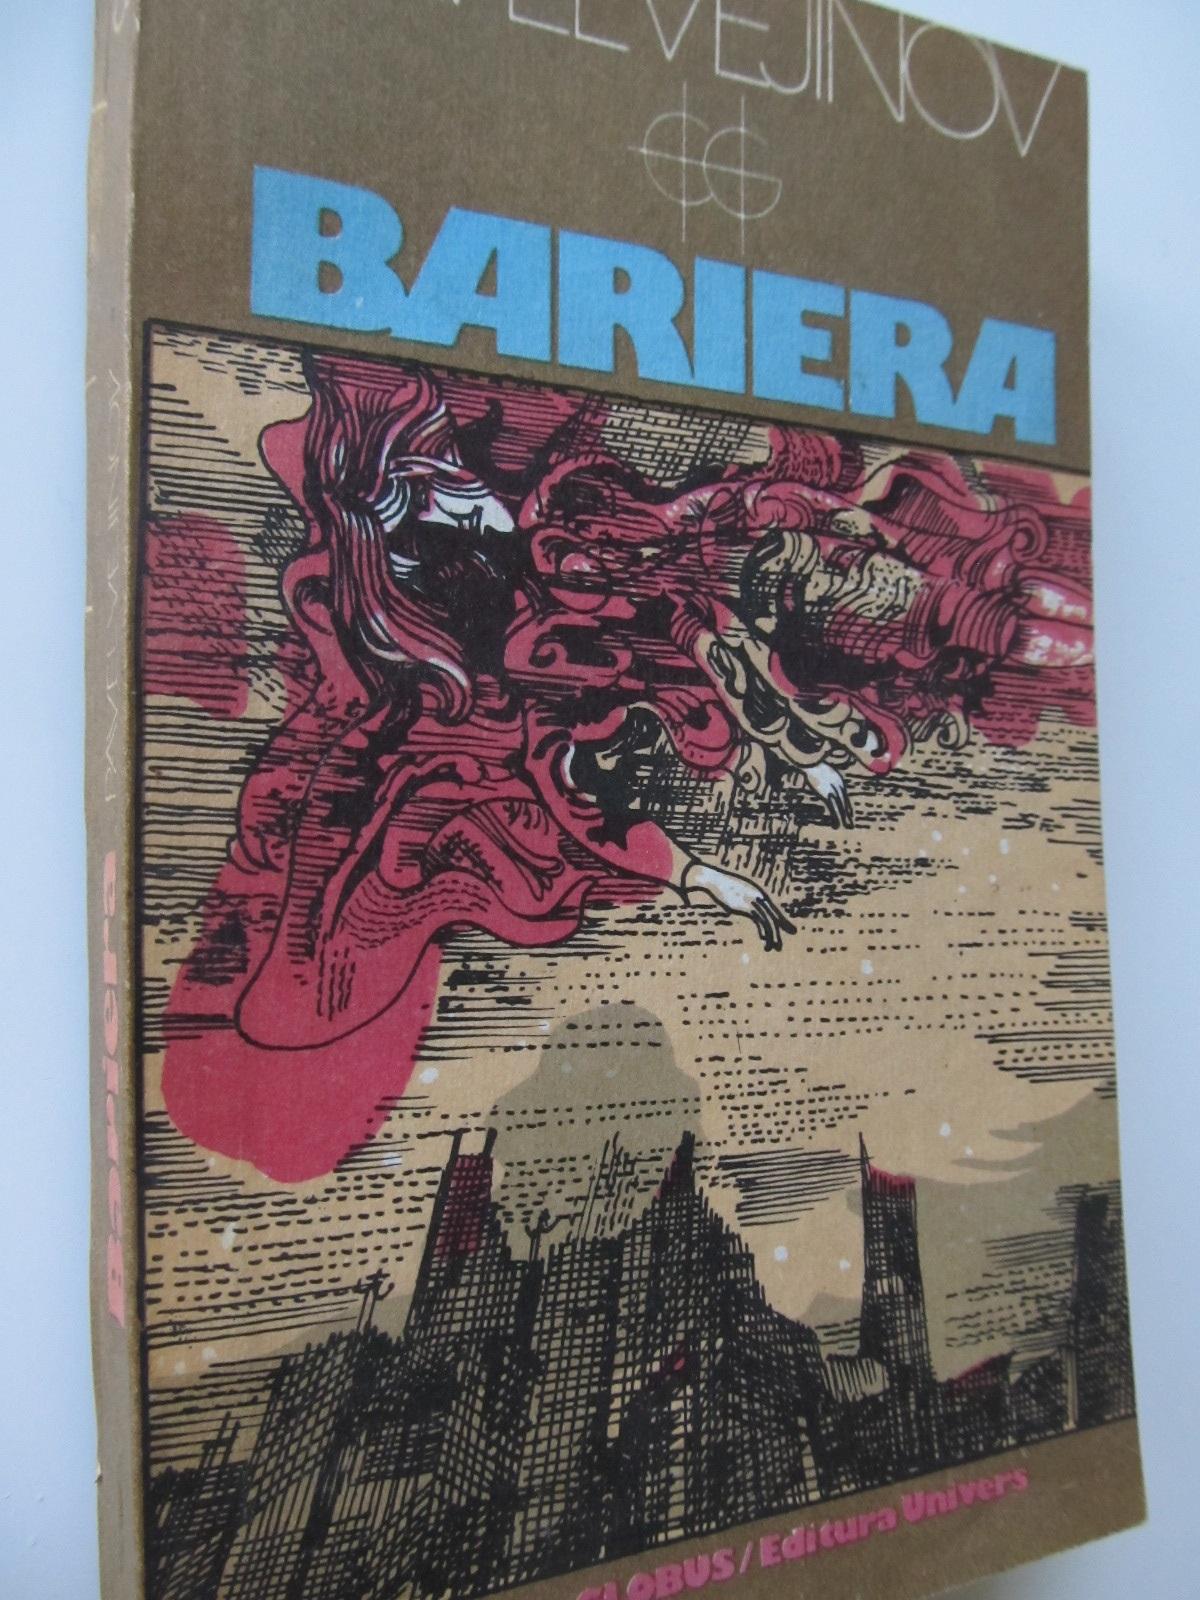 Bariera - Pavel Vejinov | Detalii carte